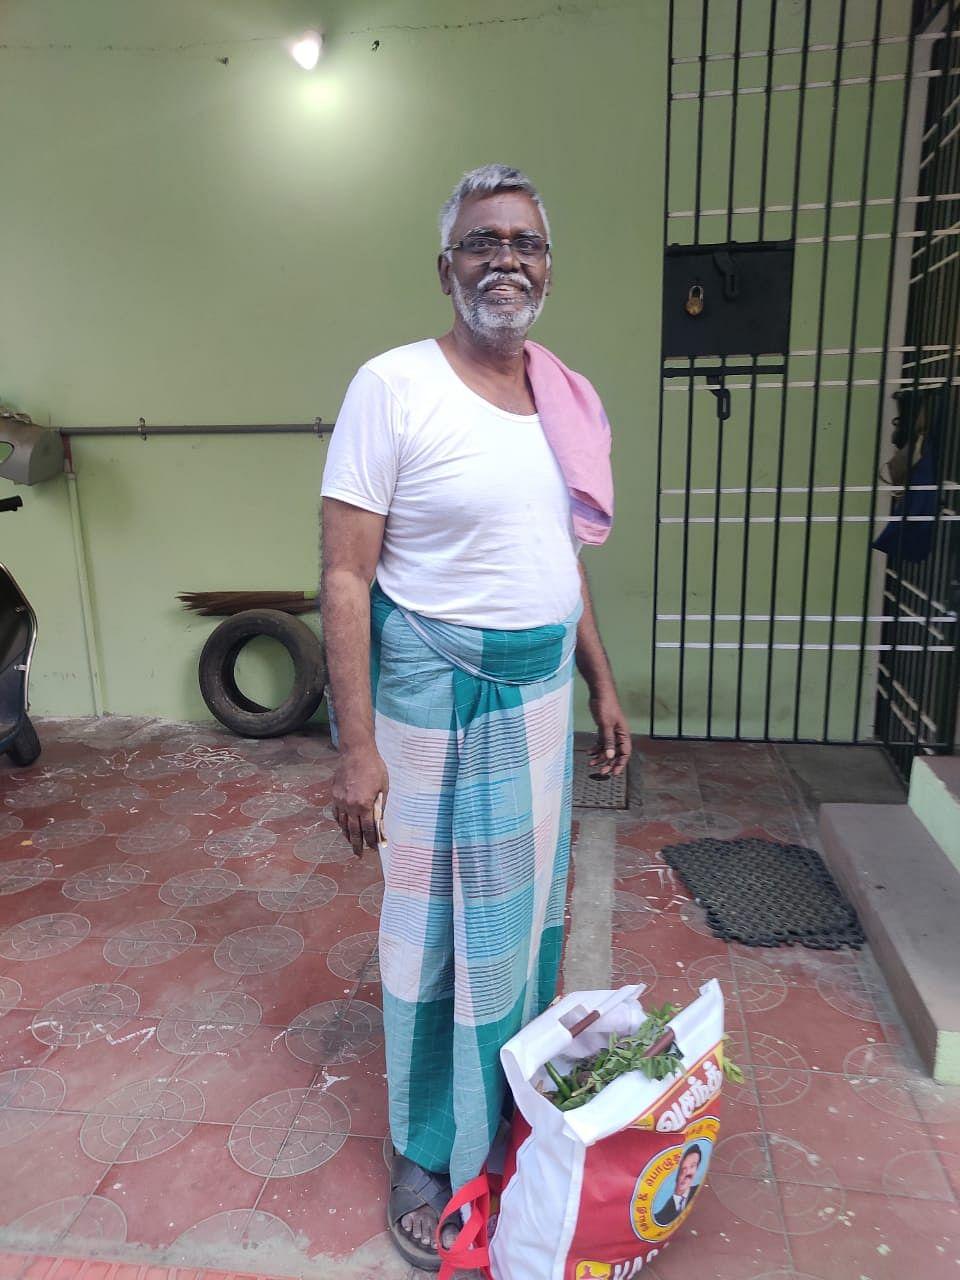 கொரோனா பாதிப்பு எதிரொலியாக தன்னார்வலர்கள் முதியவர்களுக்கு உதவி